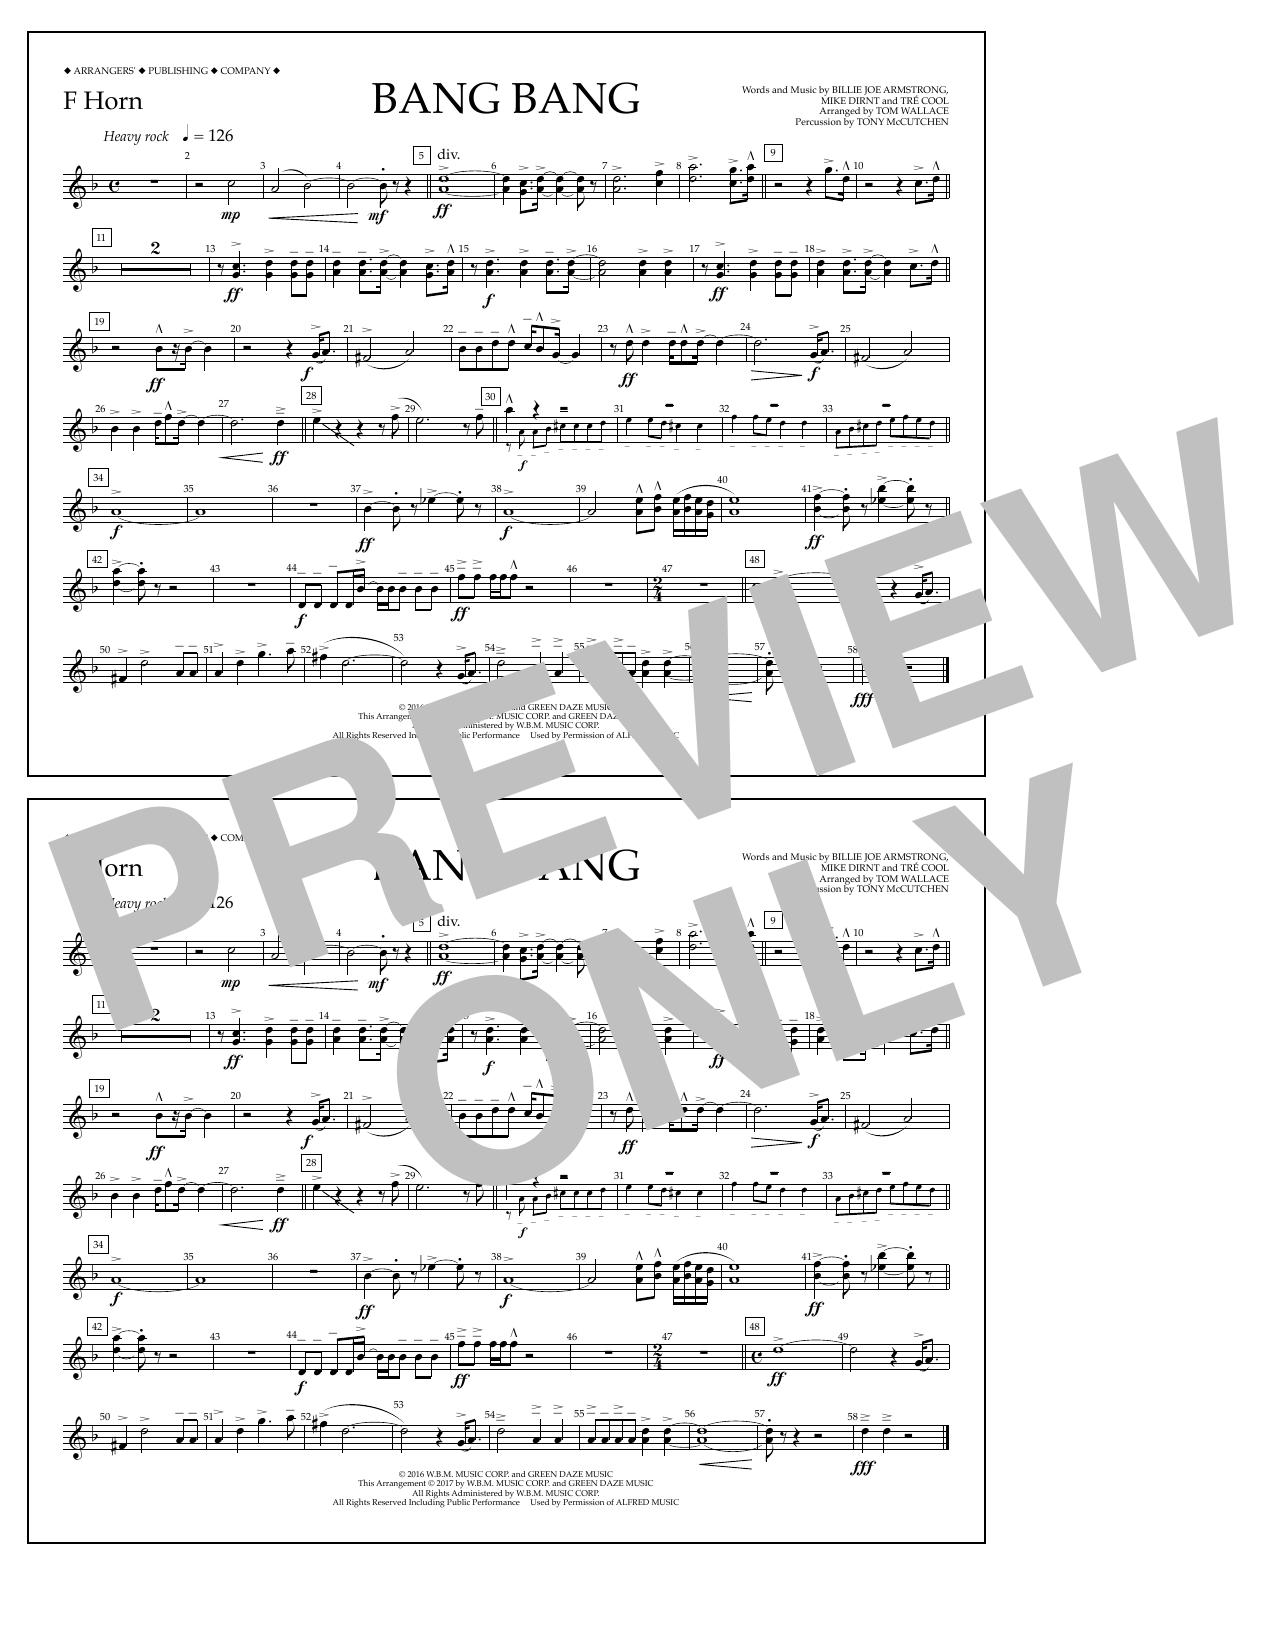 Bang Bang - F Horn Partituras Digitales